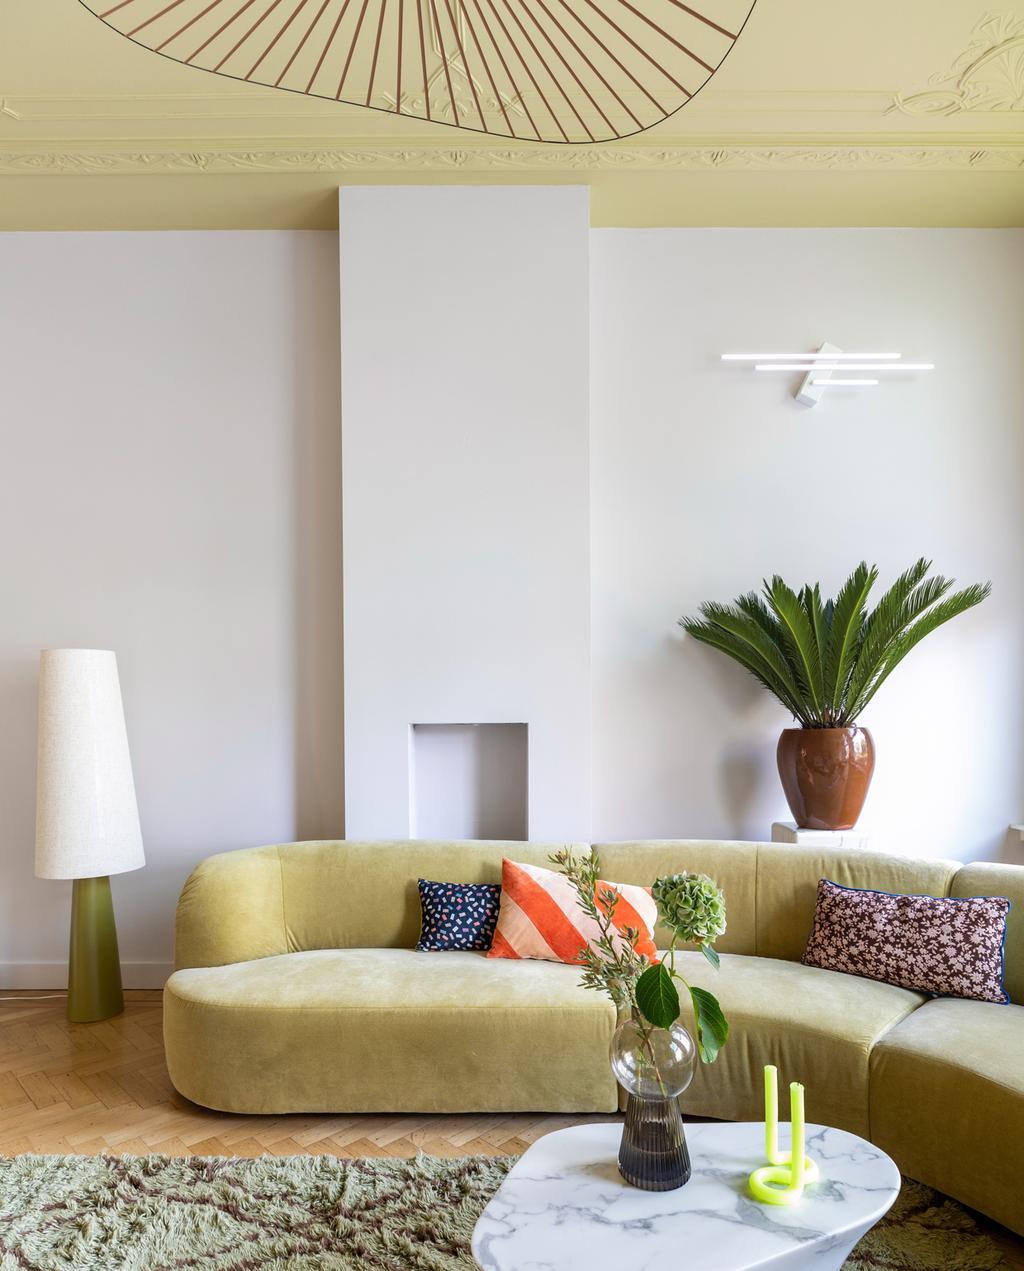 vtwonen weer verliefd op je huis | aflevering 12 seizoen 13 | stylist Marianne in Rotterdam | kleuren die vrolijk maken | grote vloerlamp